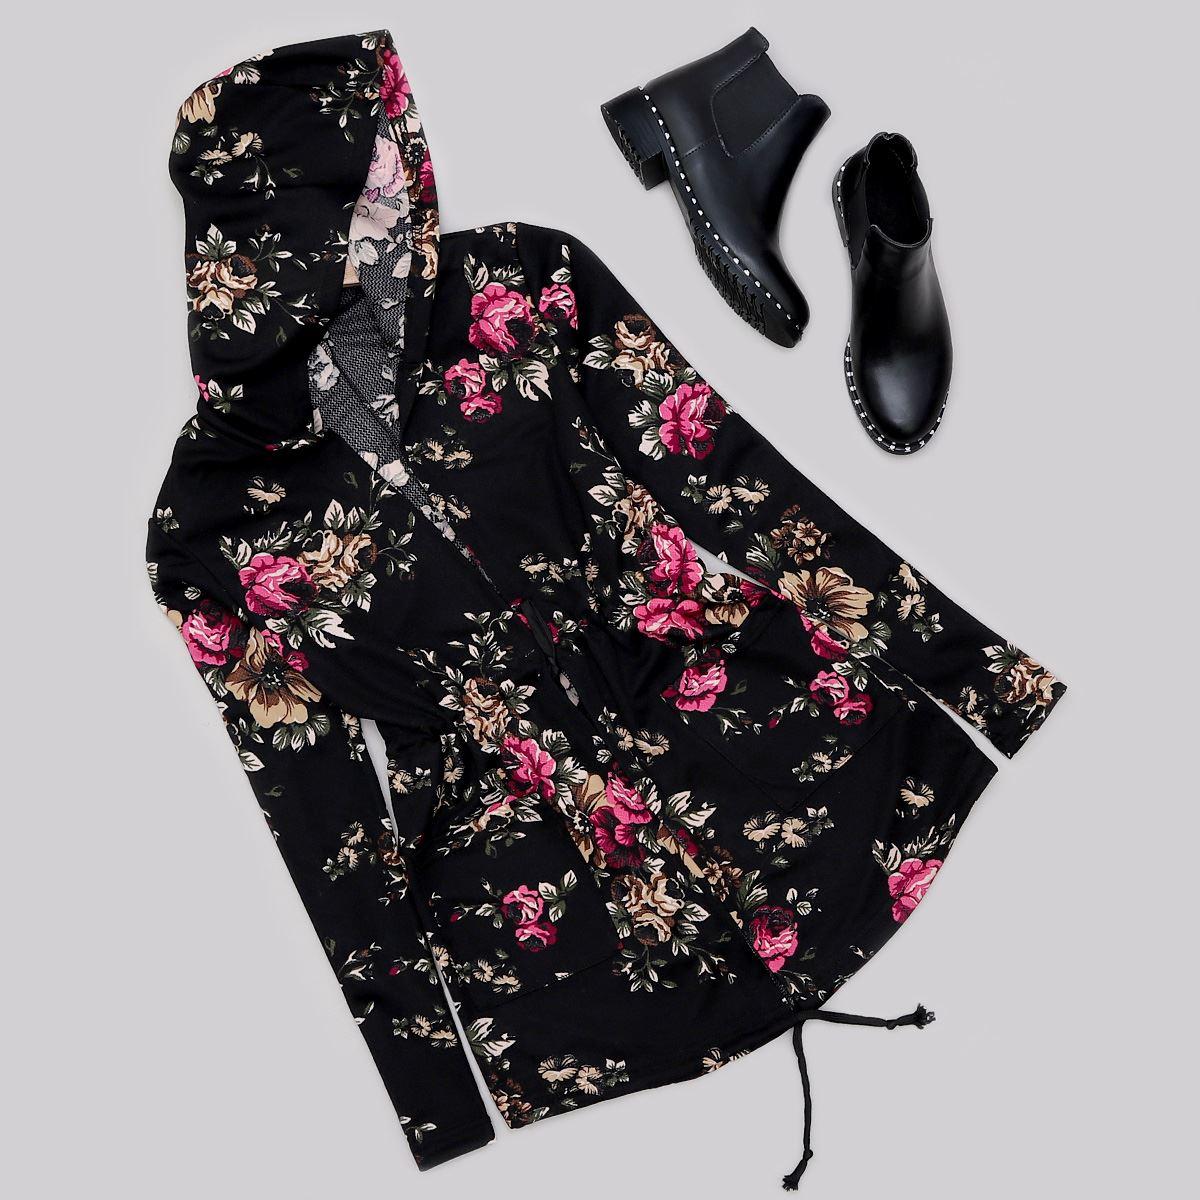 Siyah Çiçek Desenli Ceket CKT185